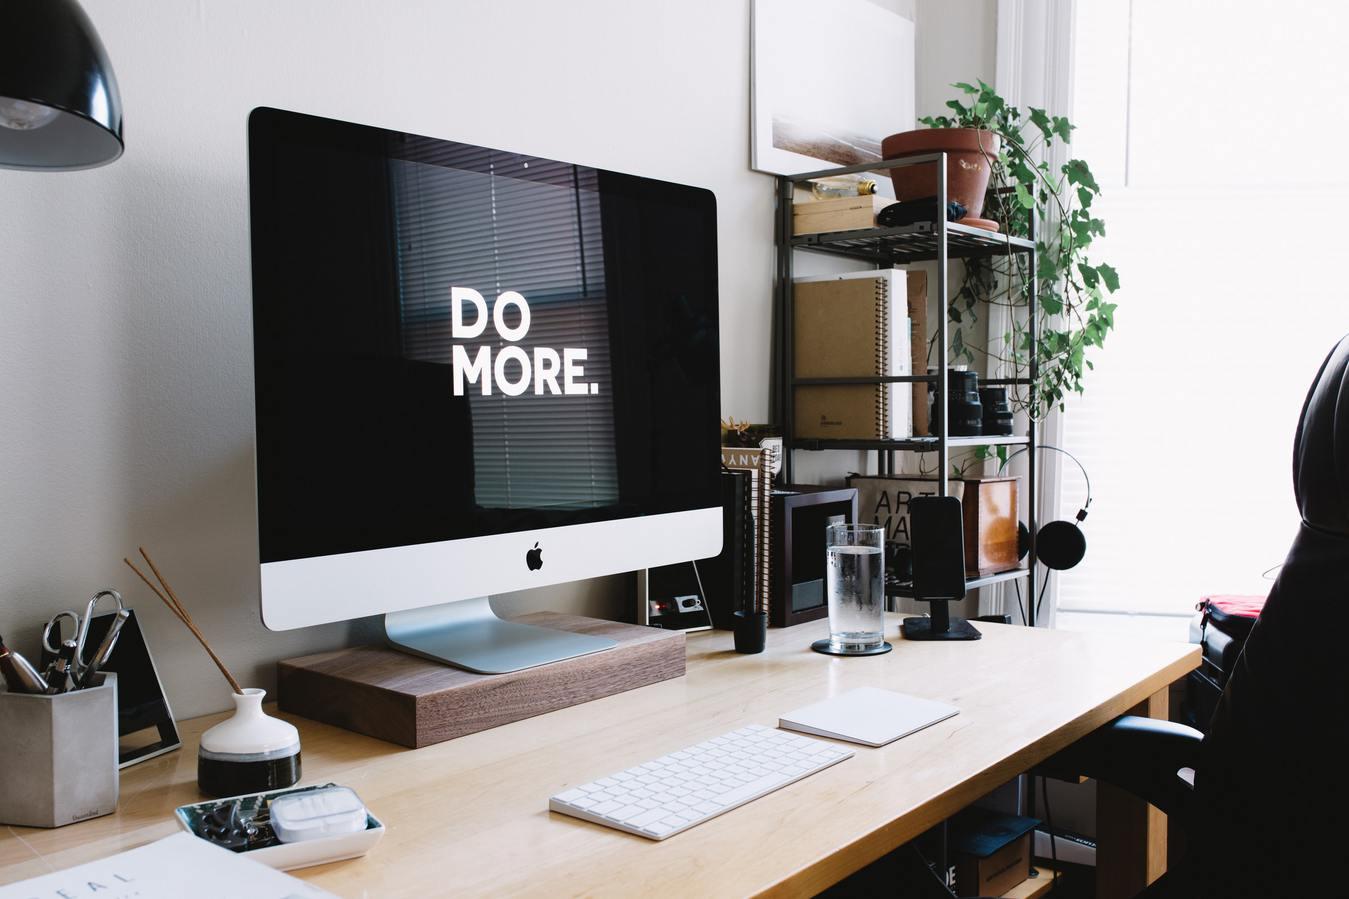 iMac su una scrivania con alcuni ripiani